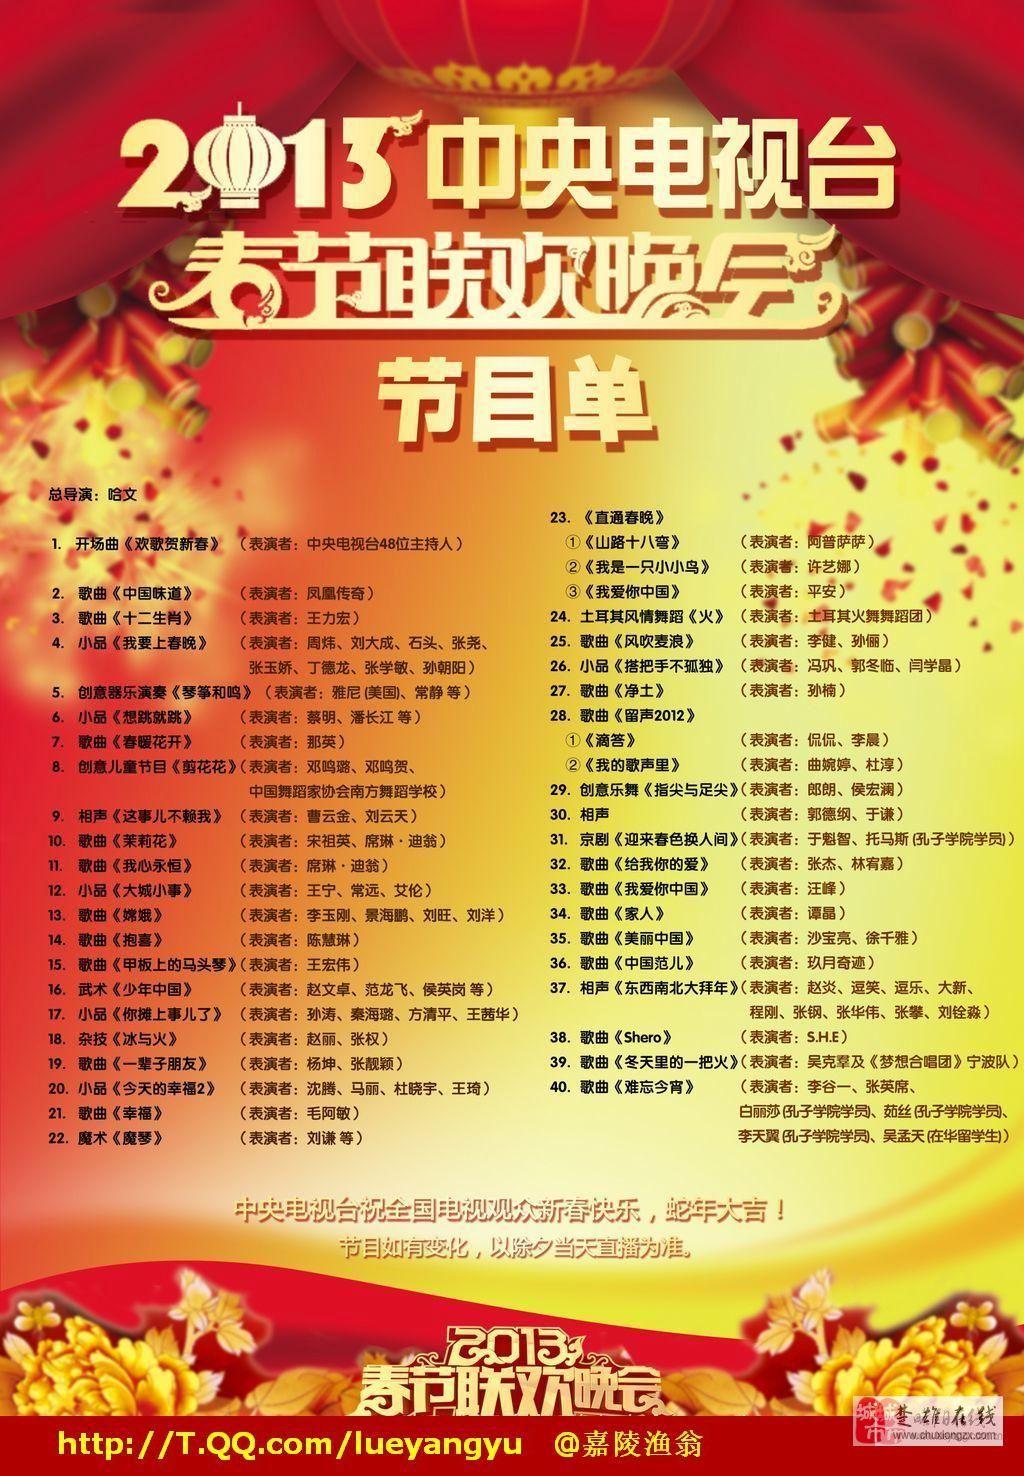 【2013年央视春节联欢晚会节目单】